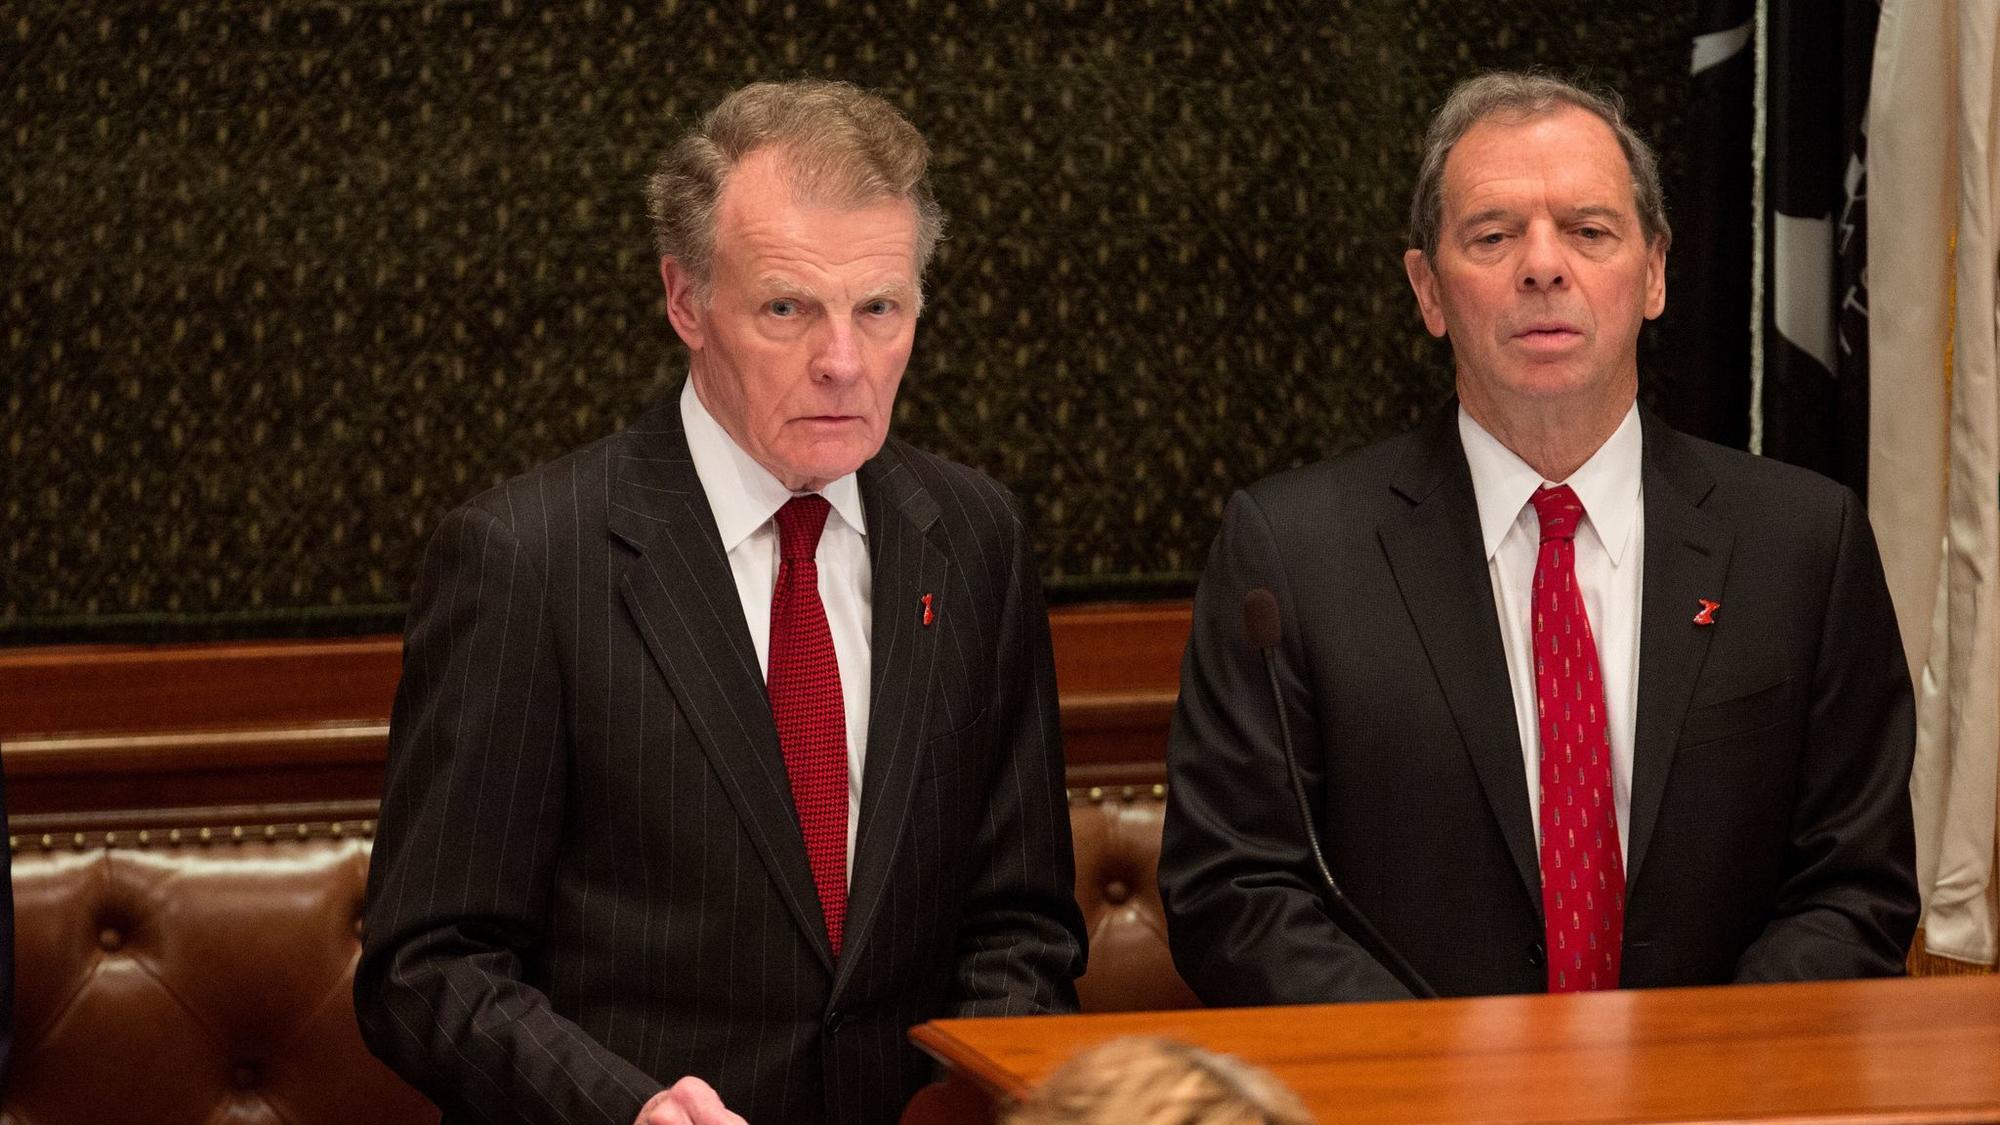 Madigan i Cullerton wydali ponad 420 tysięcy dolarów na bilety sportowe z funduszu wyborczego